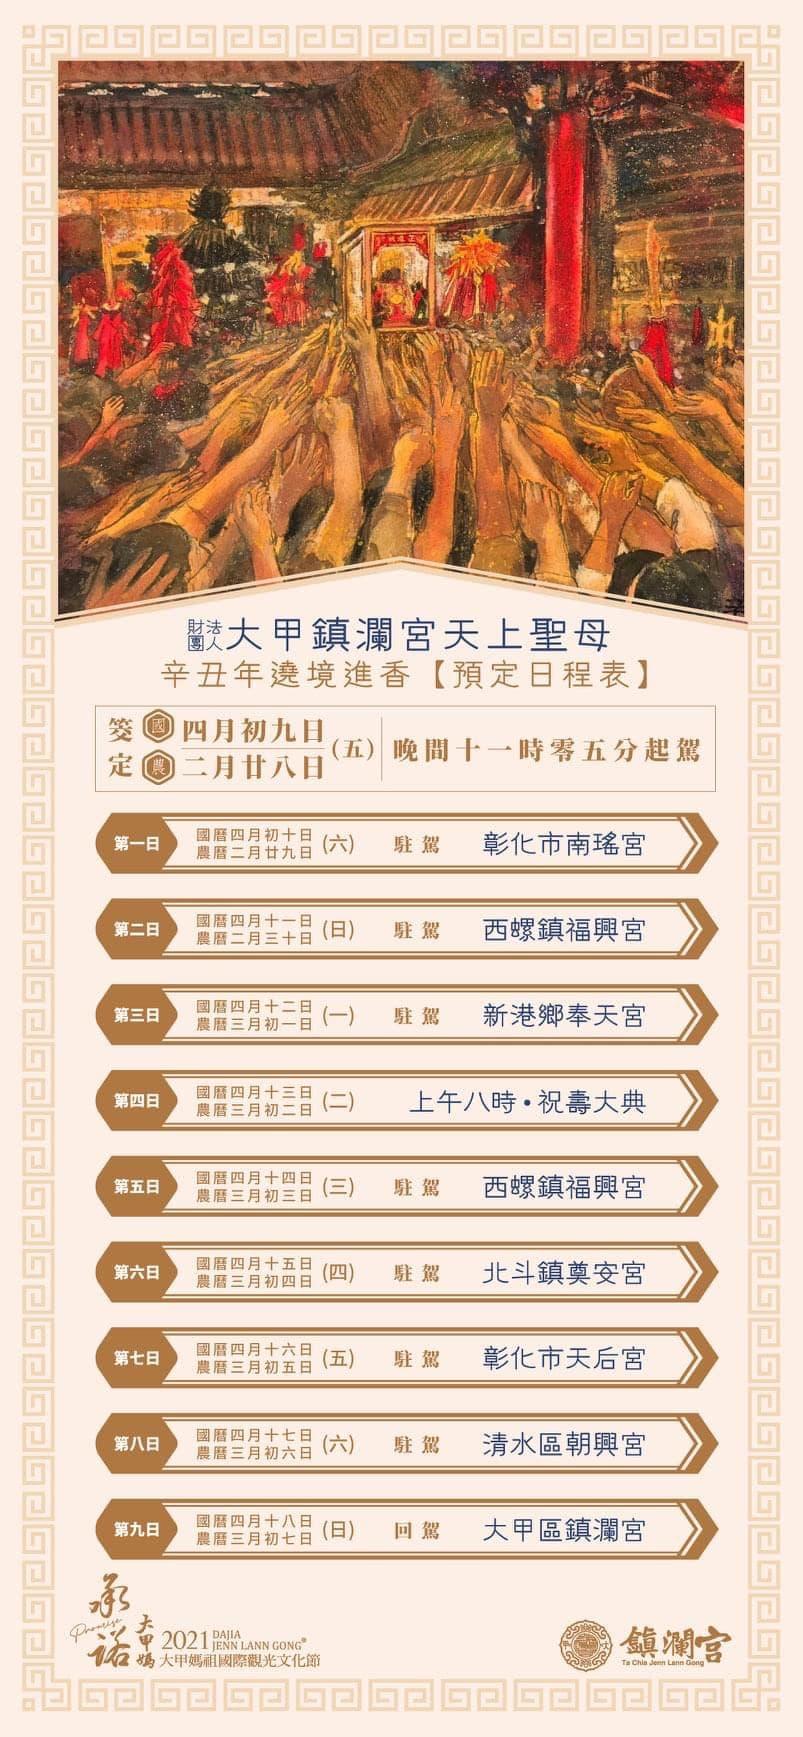 2021大甲媽祖遶境日程表 | 東南旅遊